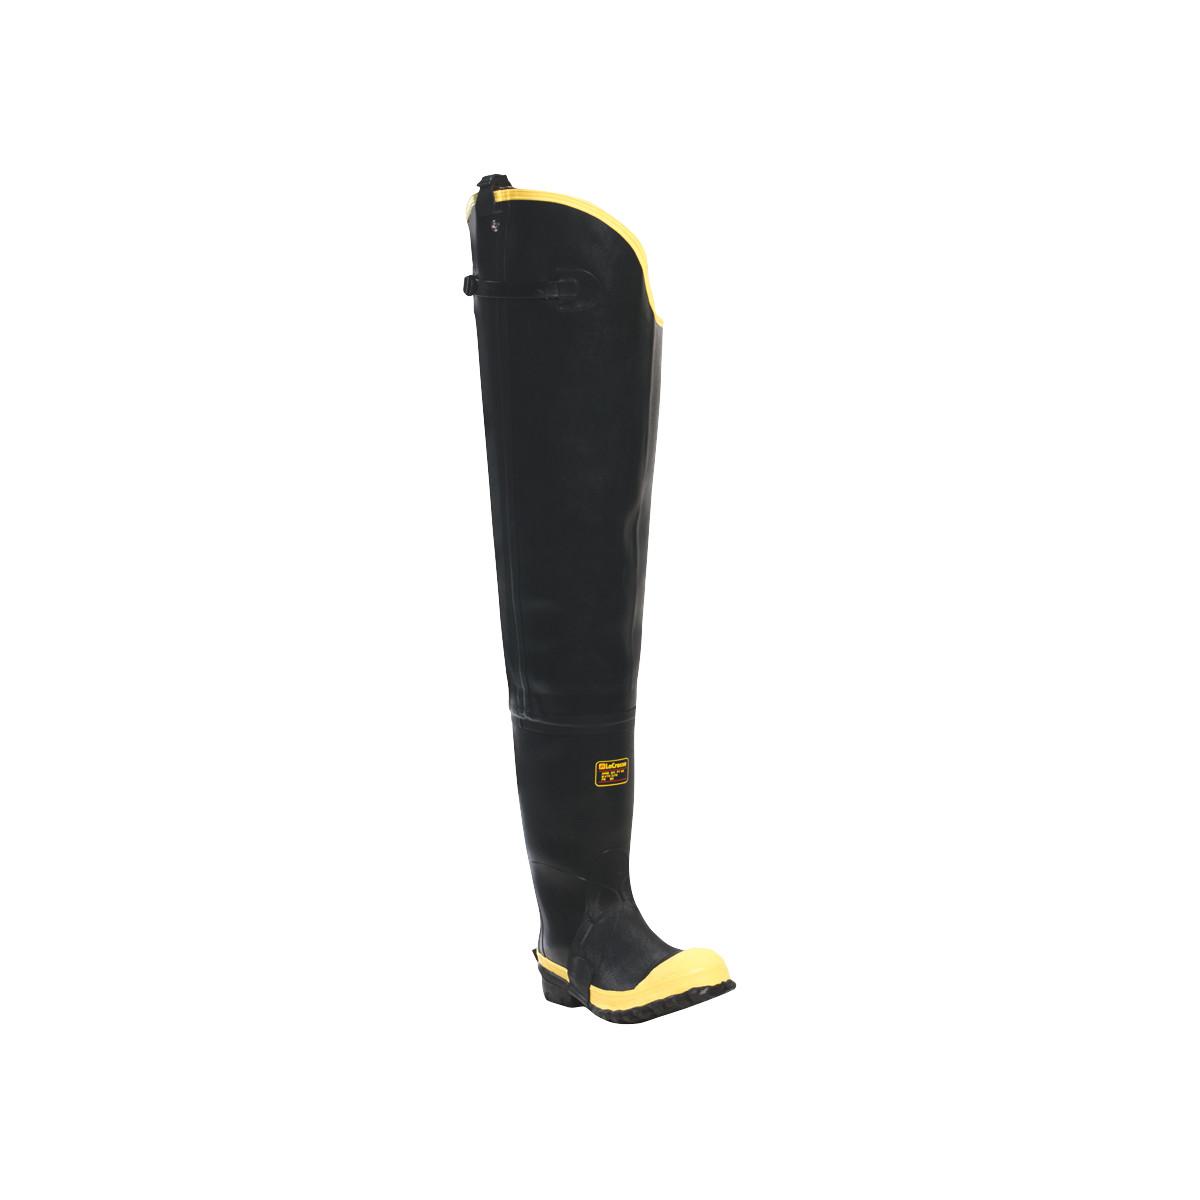 3dfc323e5e2 Rubber Boots, Rubber Overshoes - - LaCrosse Footwear 00109050-12 ...